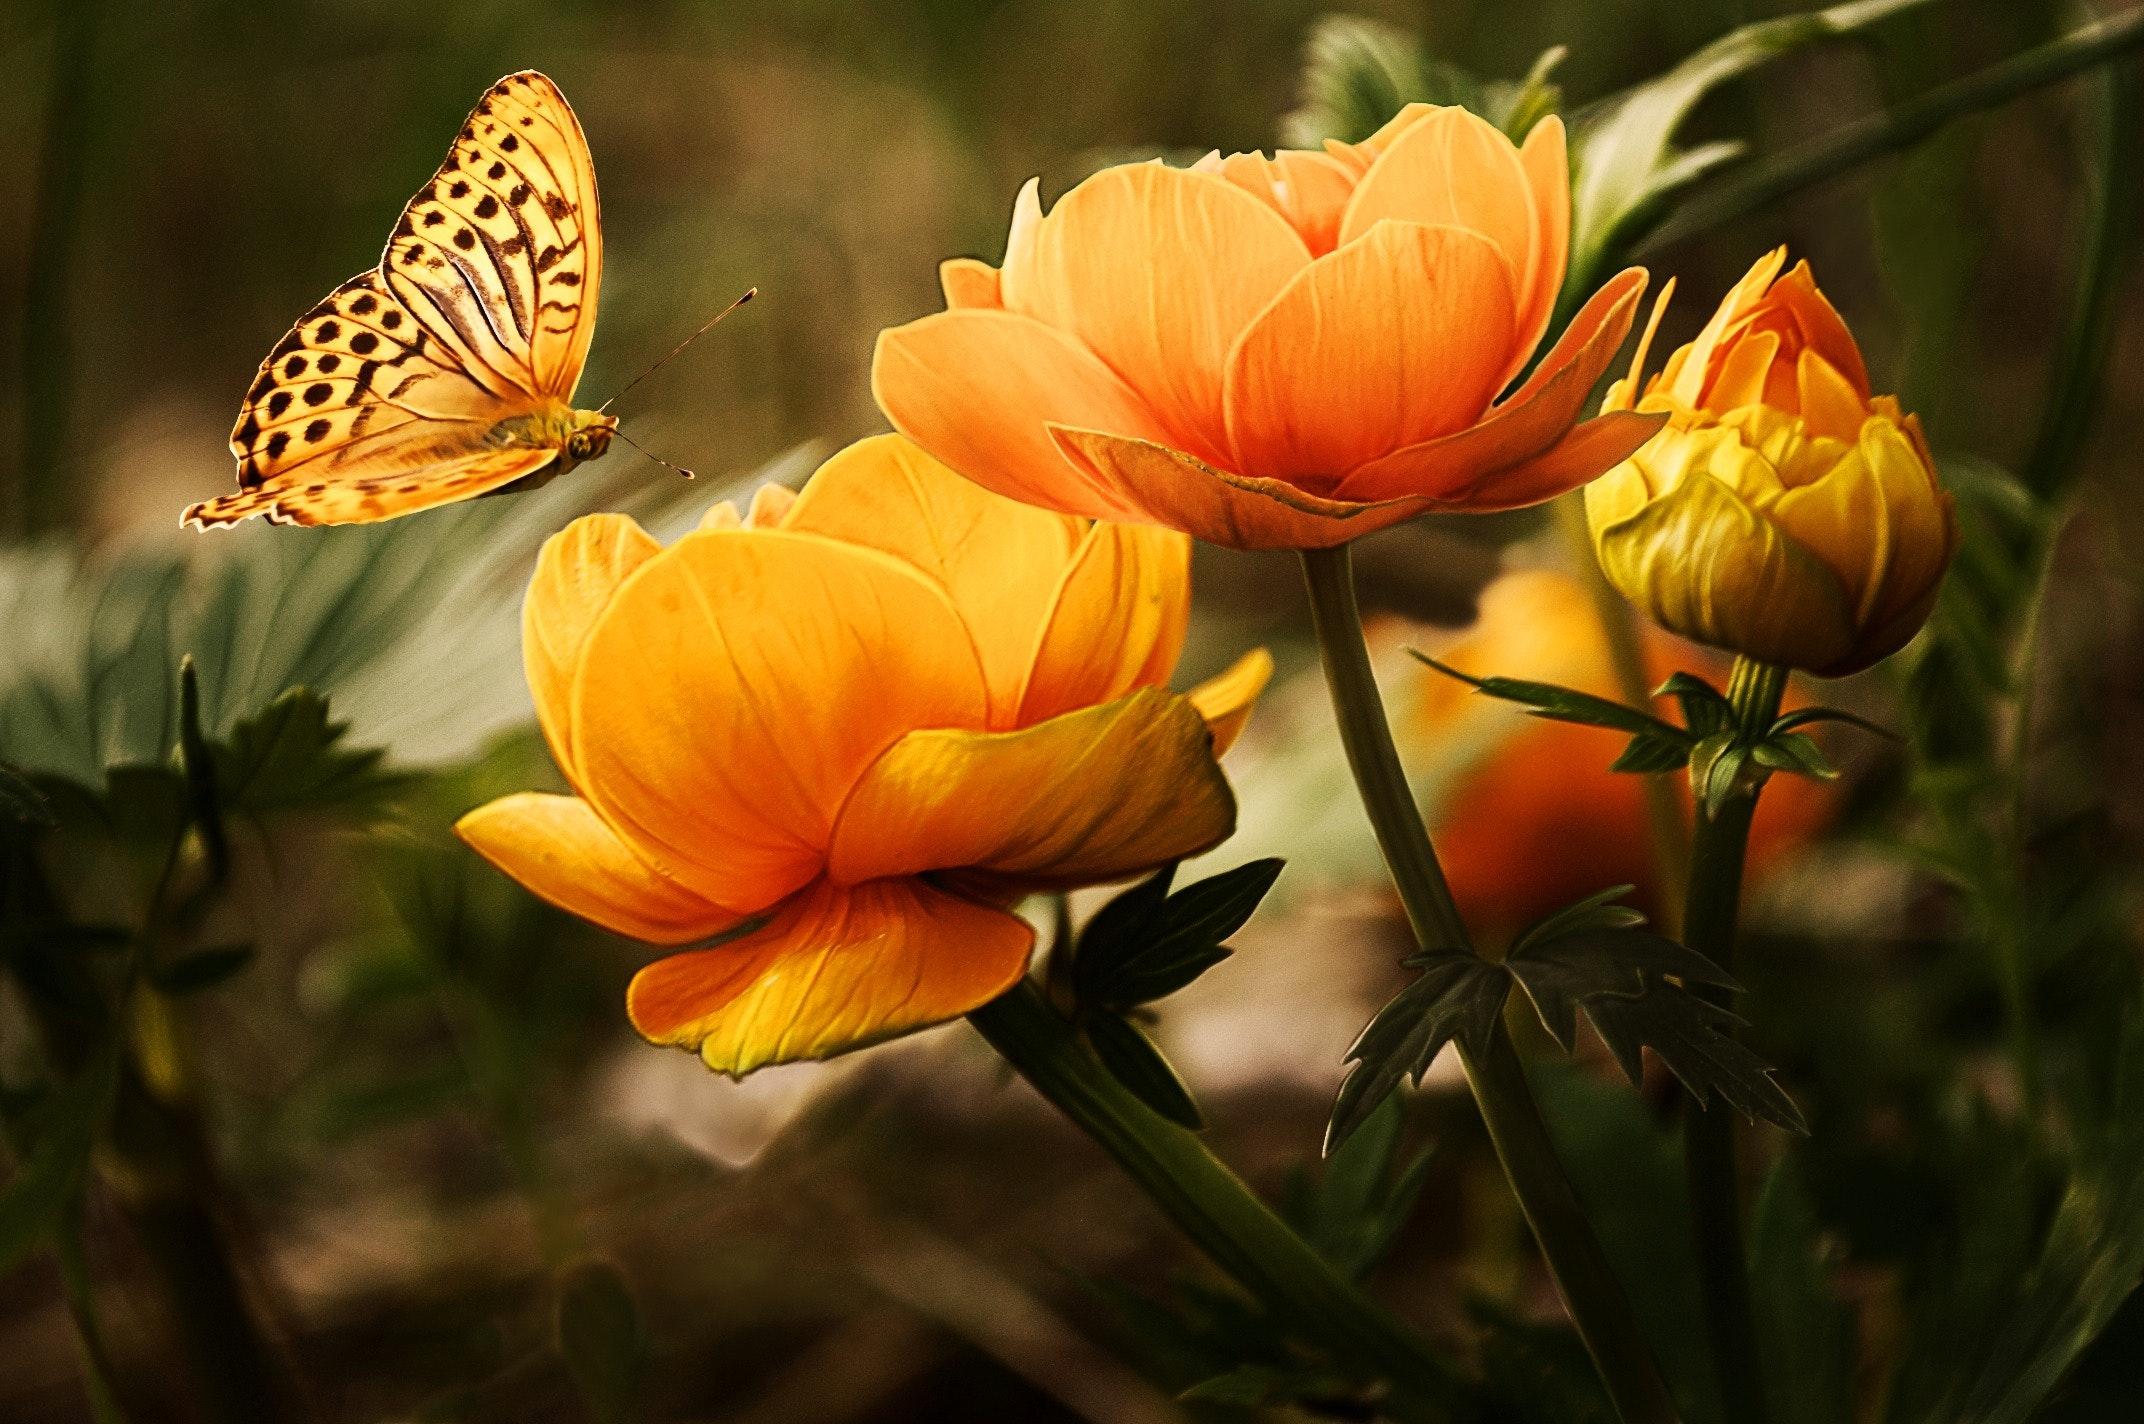 夢占いで24種類の草花の夢の意味を診断!吉夢がたくさん!